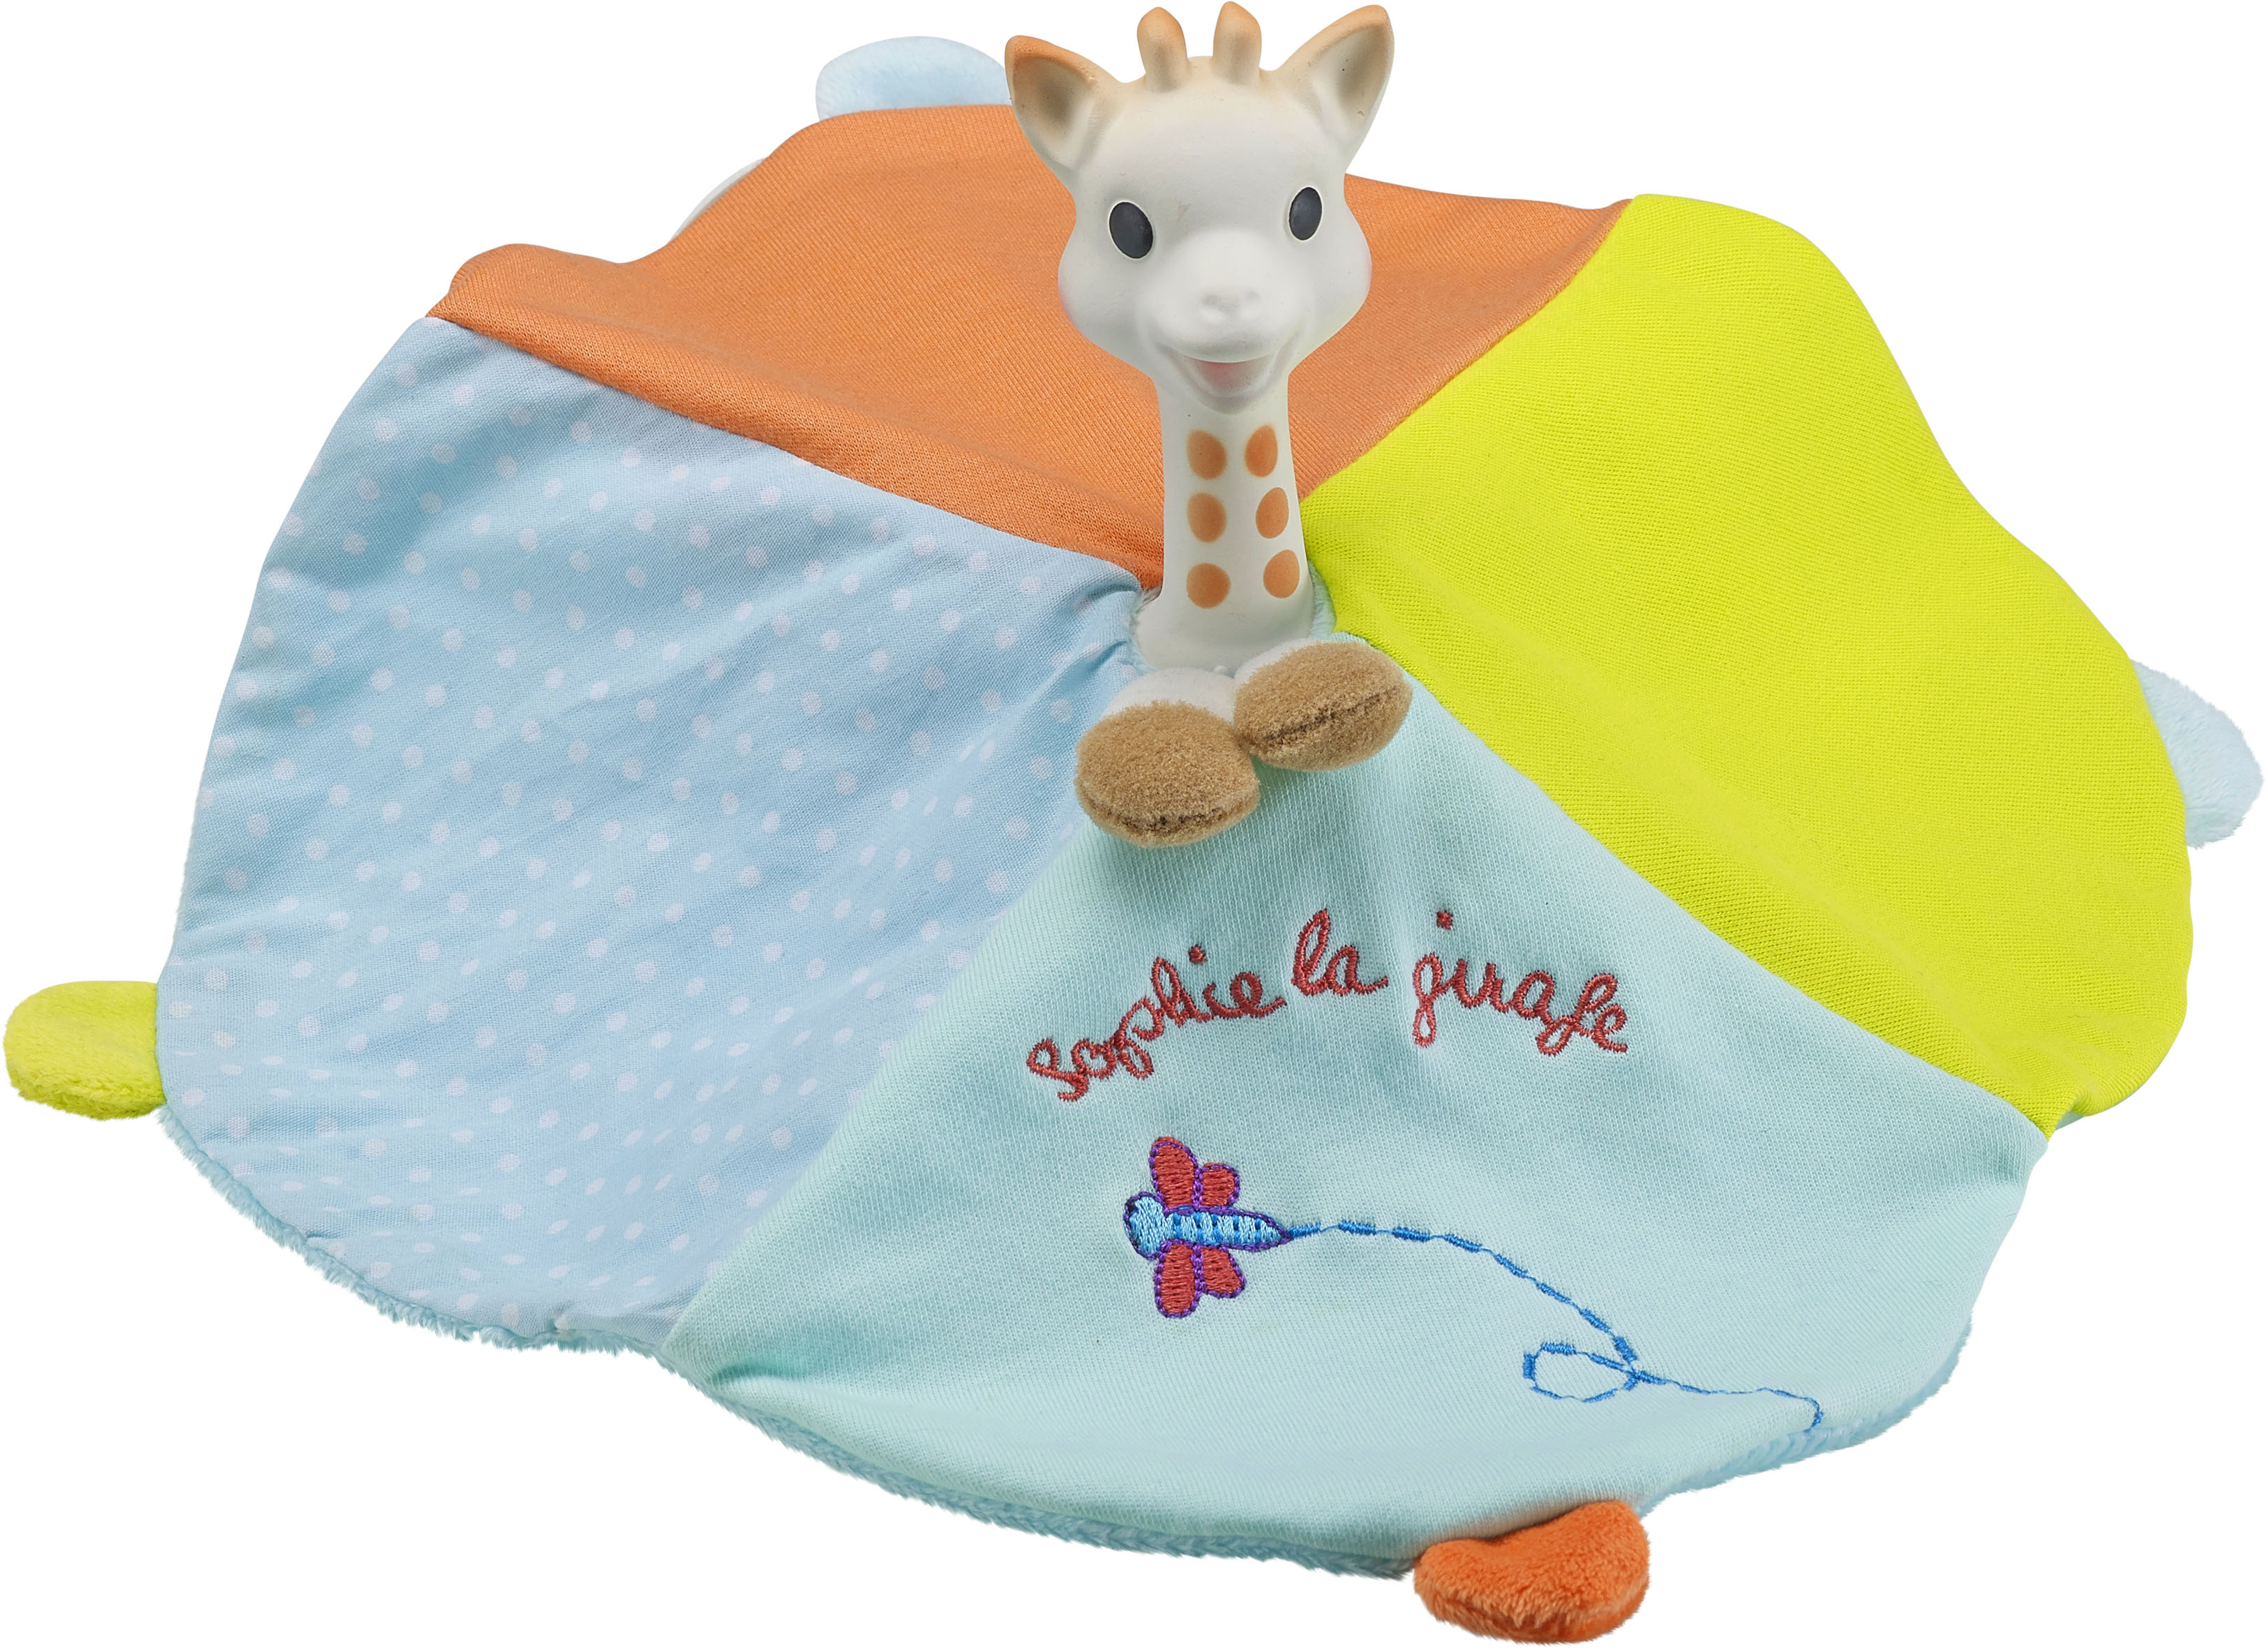 Vulli Girafa Sophie Soft'rubber imagine